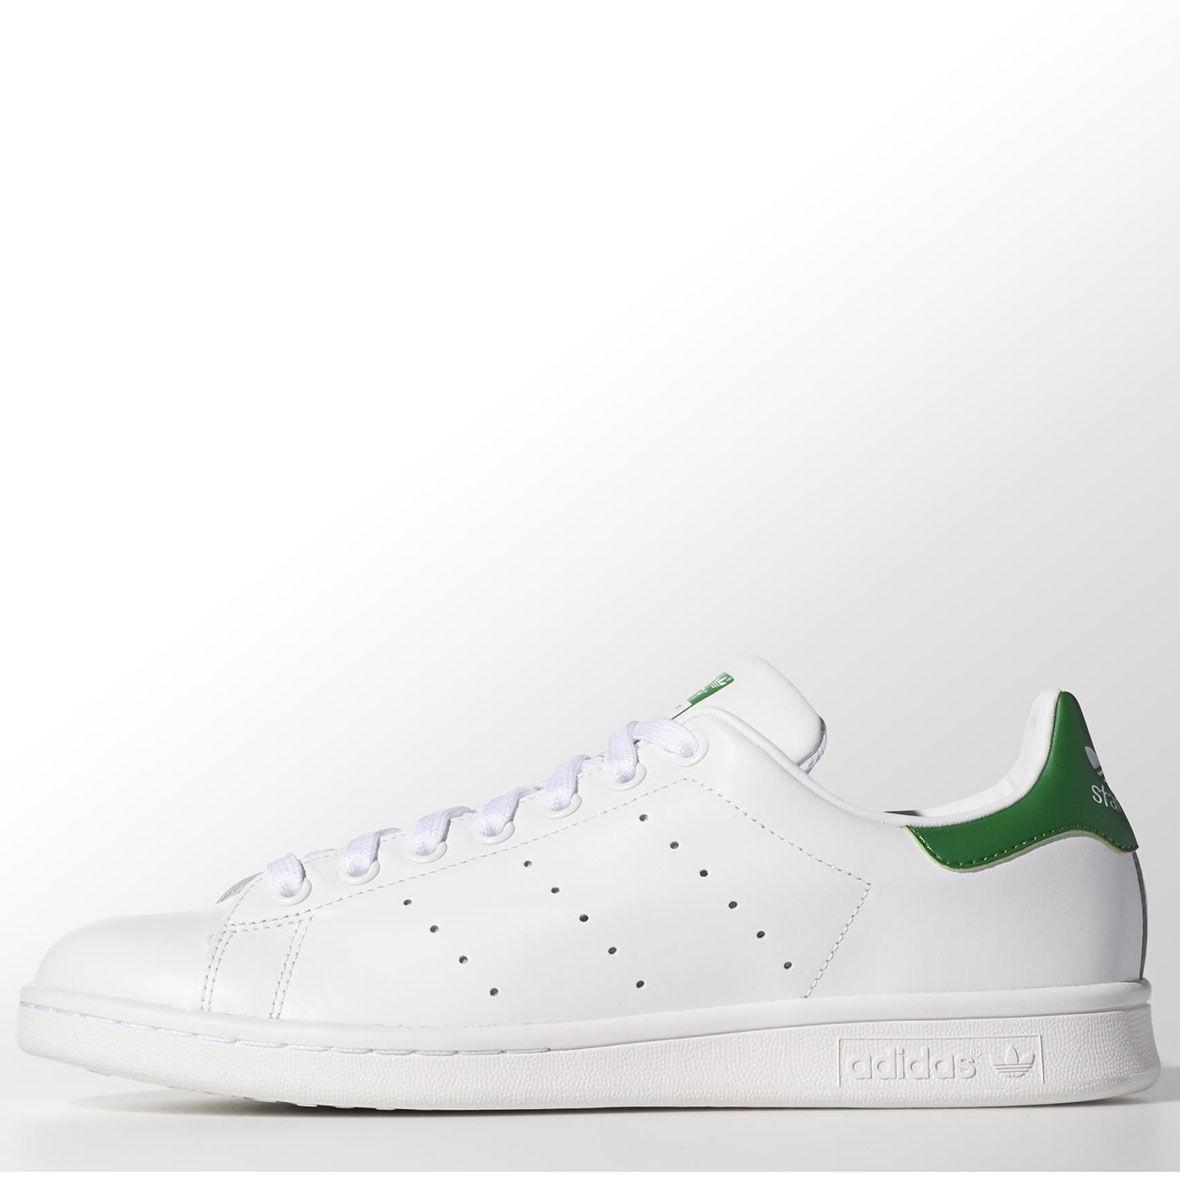 Stan Smith Shoe | adidas Originals